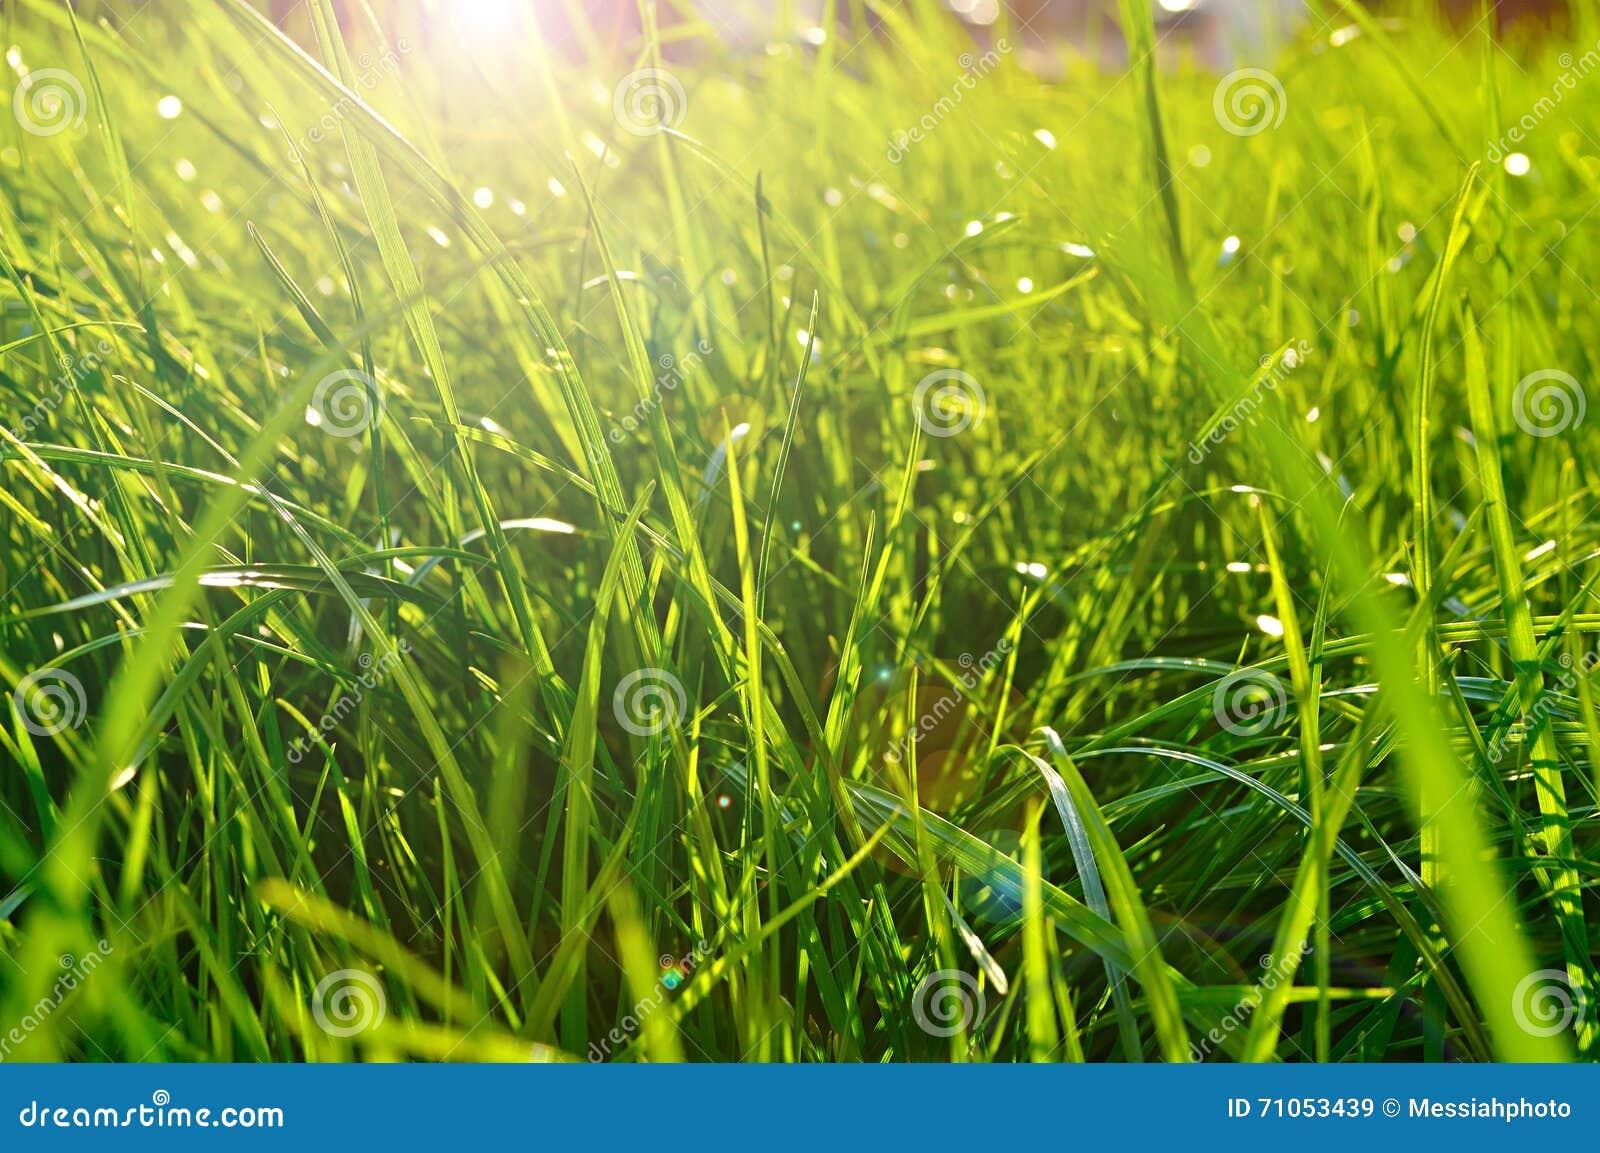 Sfondo Naturale Della Primavera Primo Piano Di Erba Verde Fresca